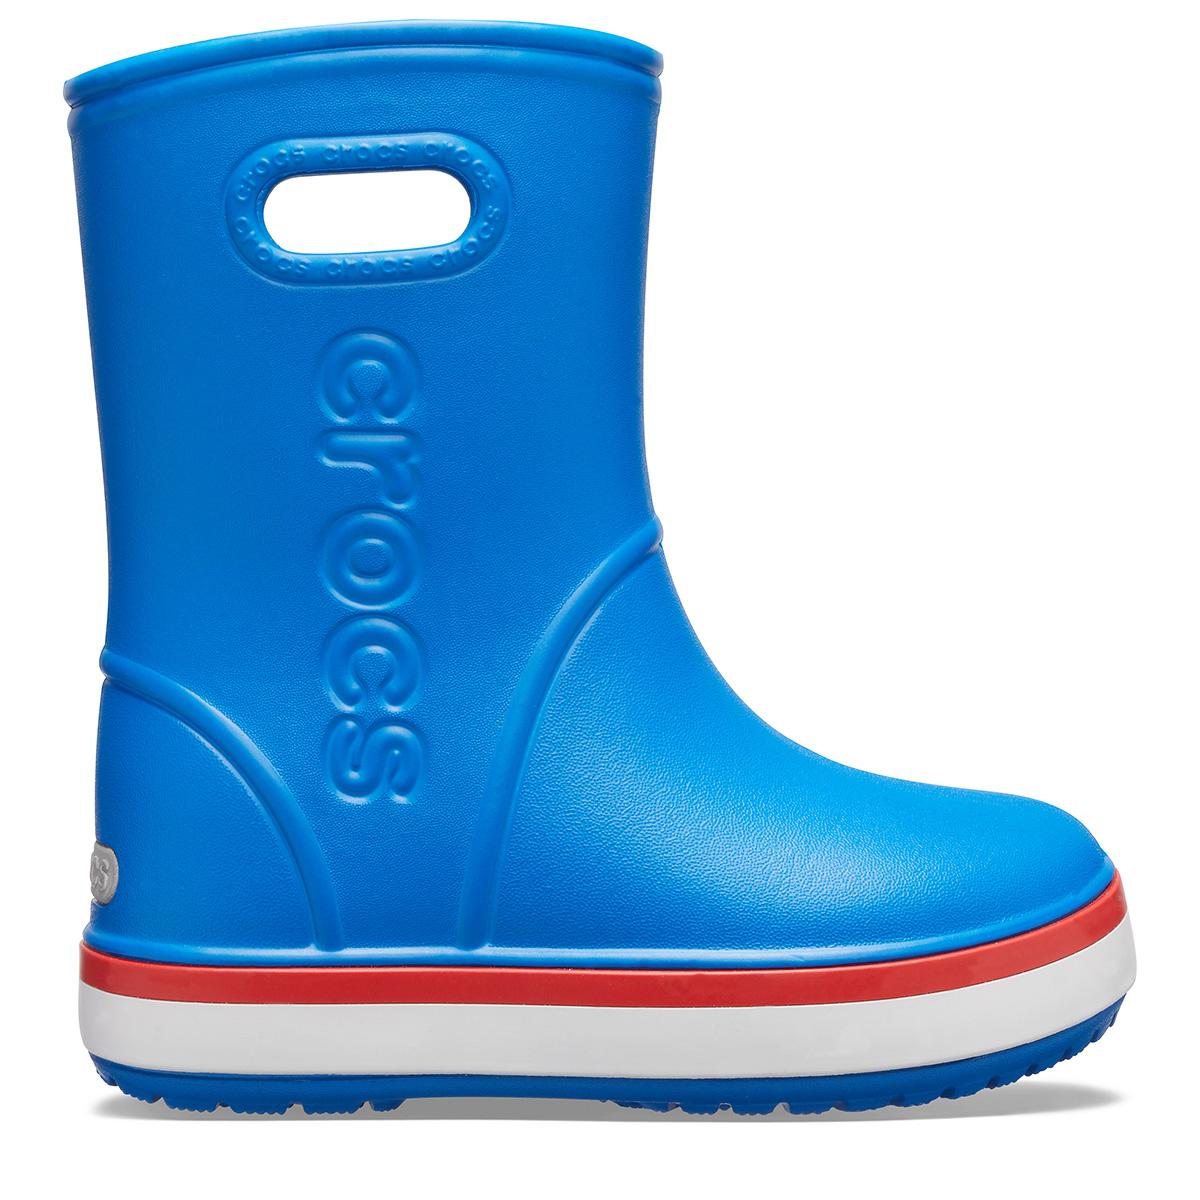 Crocband Rain Boot K - Parlak Kobalt Mavisi/Alev